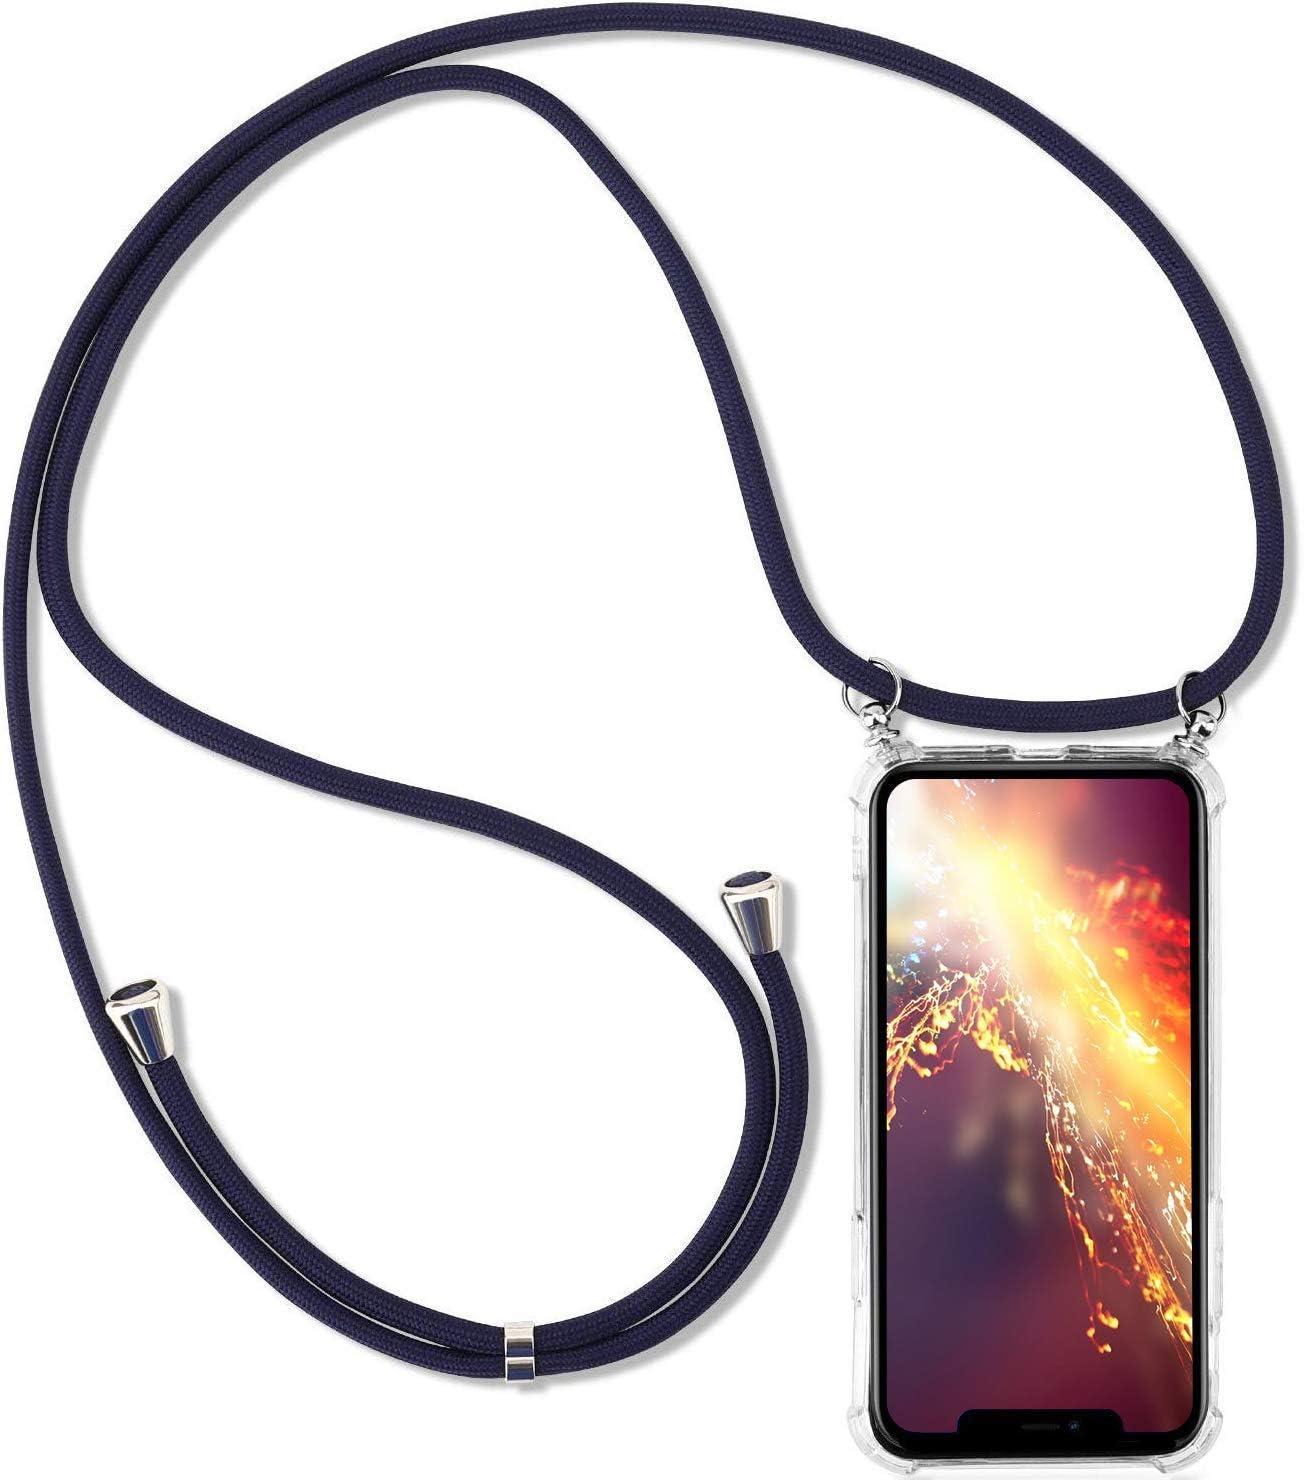 Jinghuash Kompatibel mit iPhone 6 H/ülle mit Band,Kompatibel mit iPhone 6S Transparente Handyh/ülle mit Kordel zum Umh/ängen,D/ünn Durchsichtig TPU Silikon Lanyard H/ülle,Gr/ün beige